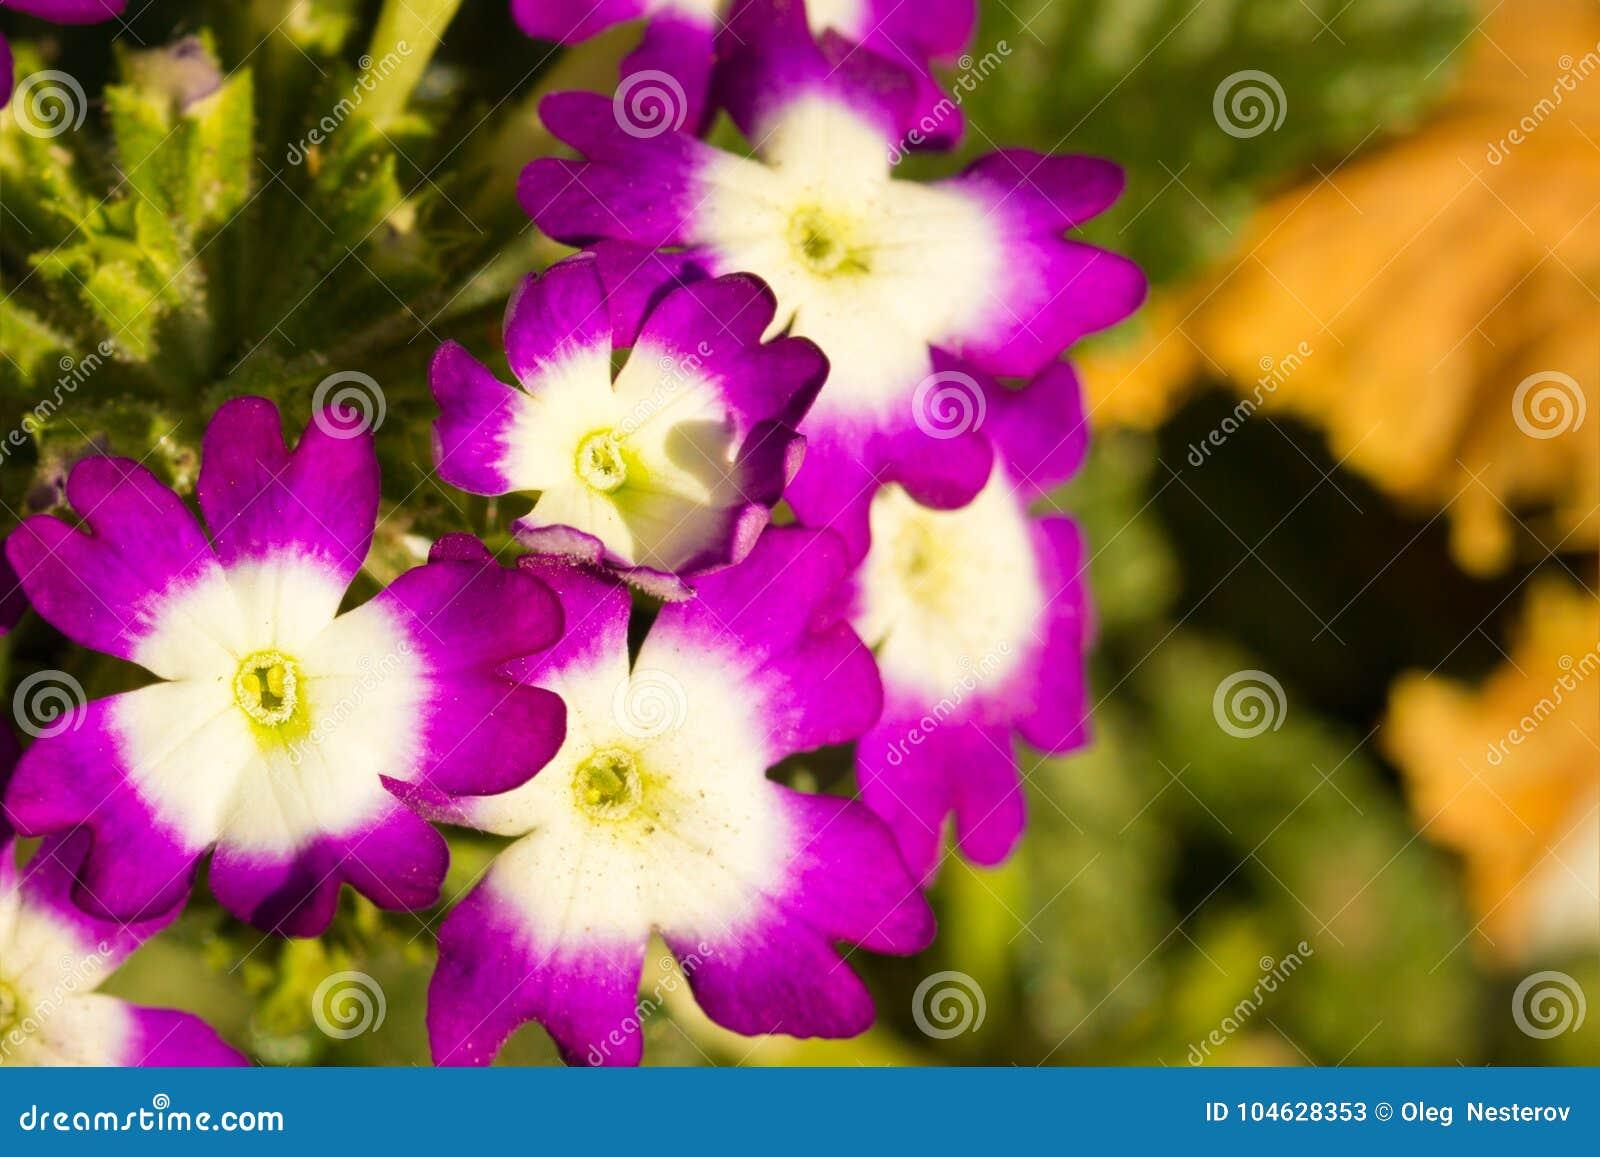 Download Mooie Viooltjes In De Vroege Herfst Stock Afbeelding - Afbeelding bestaande uit midden, nave: 104628353